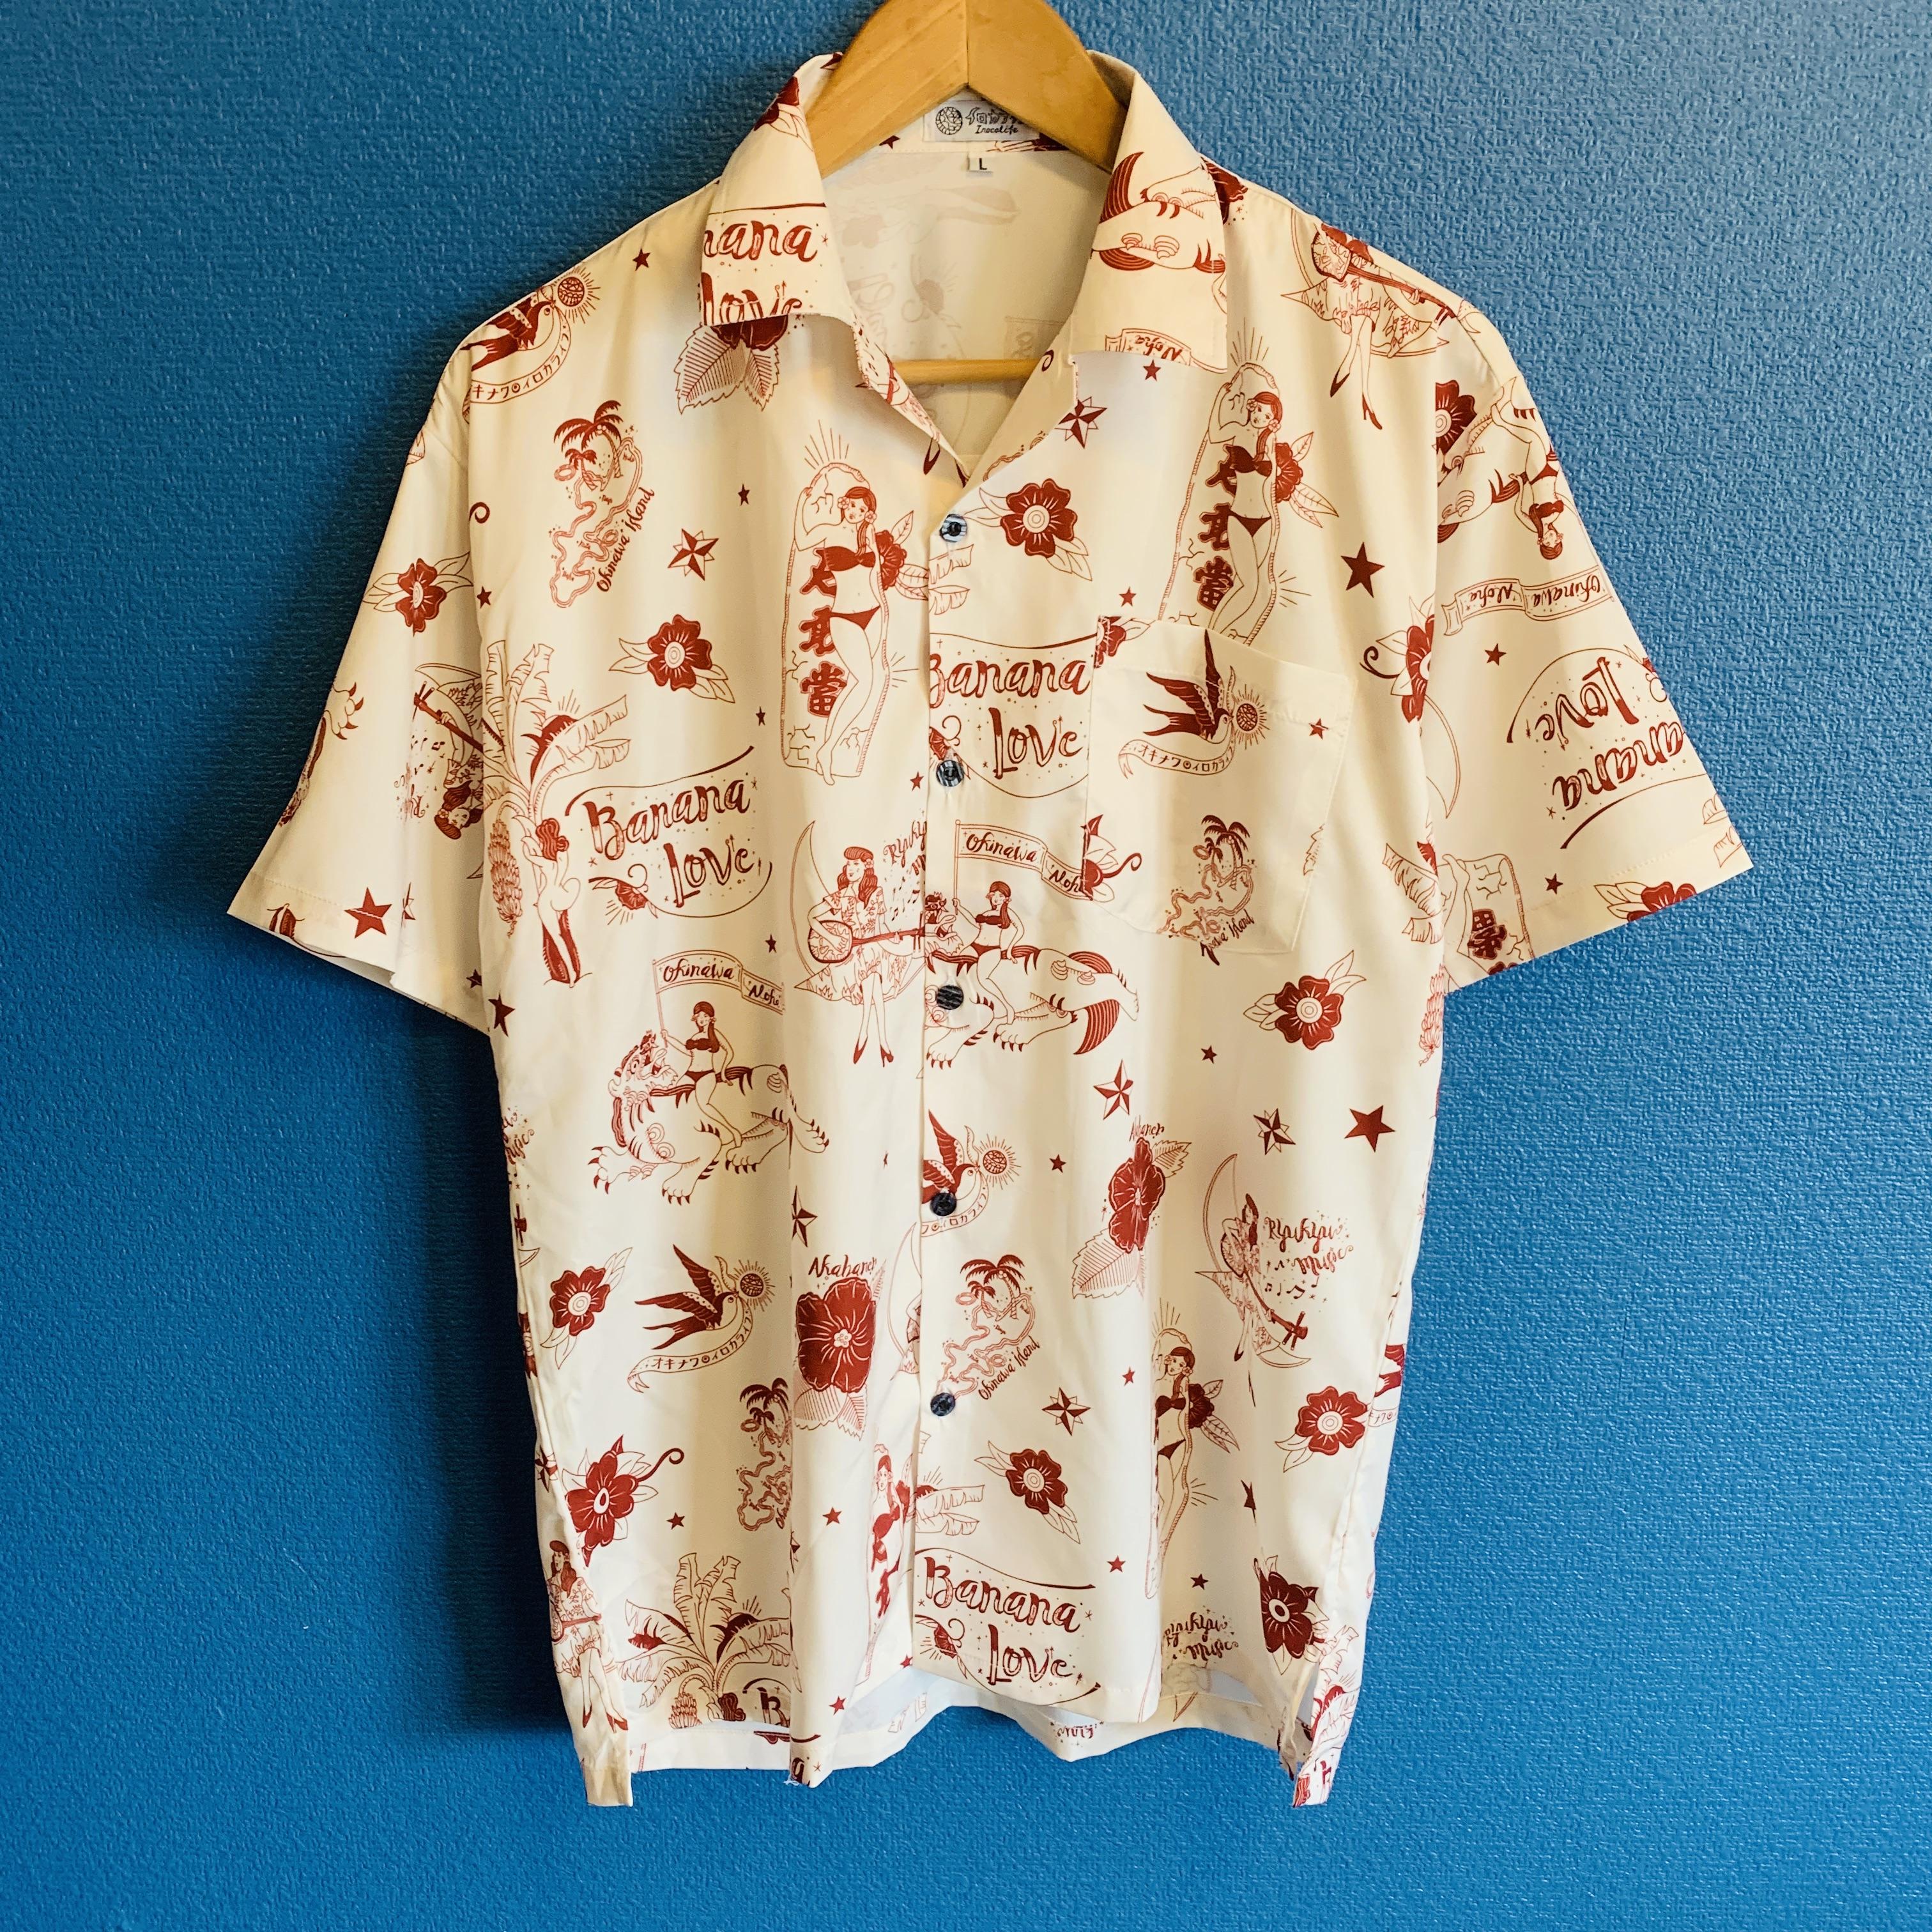 沖縄愛するすべての人のためのアロハシャツ出来ました!!(レディースアロハワンピースもあります!)